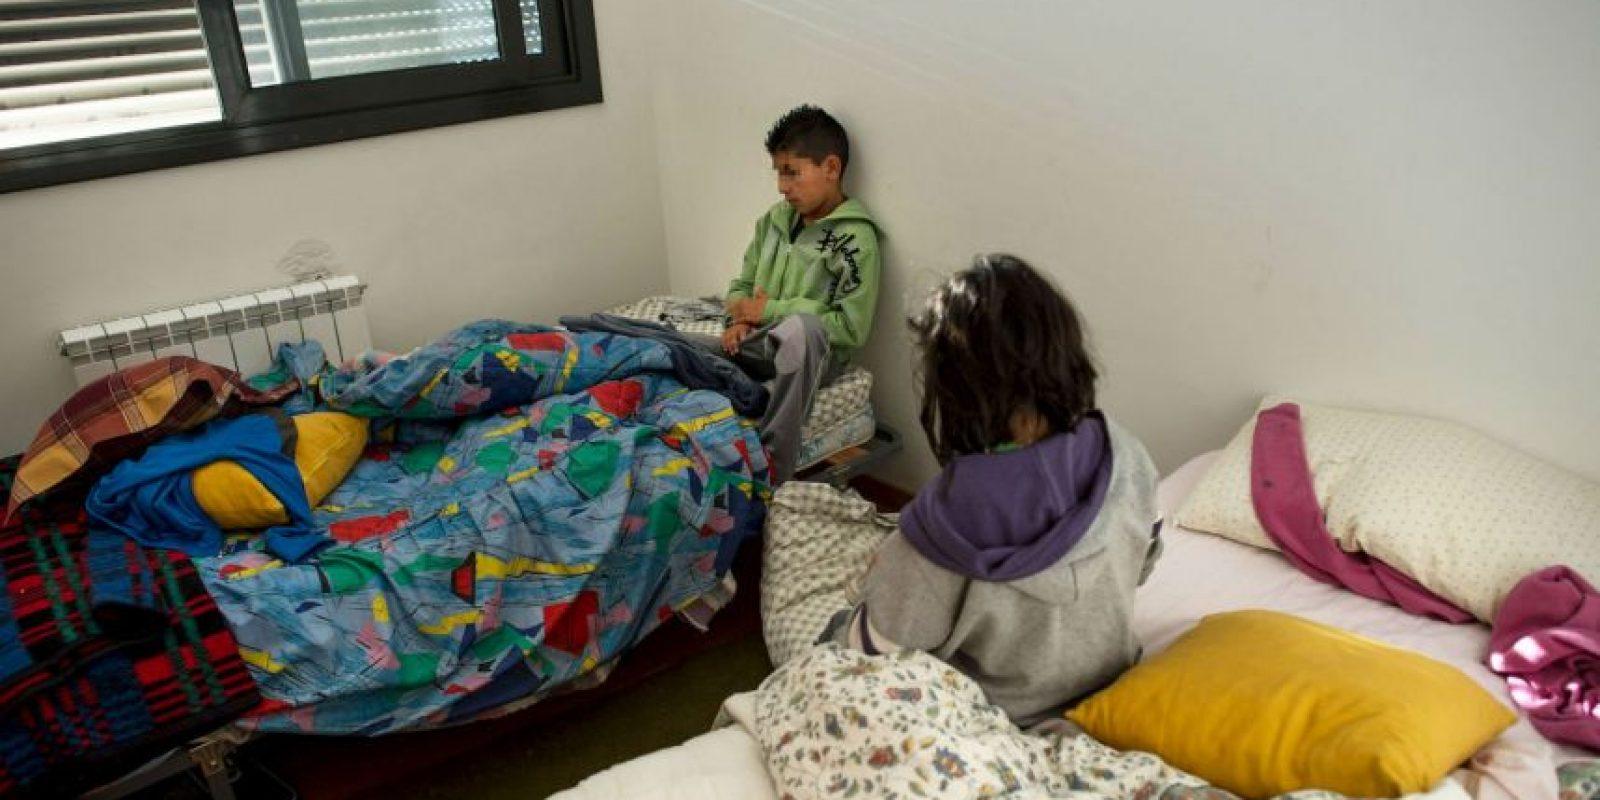 De acuerdo con la Organización Mundial de la Salud una cuarta parte de todos los adultos manifiestan haber sufrido maltratos físicos de niños. Foto:Getty Images